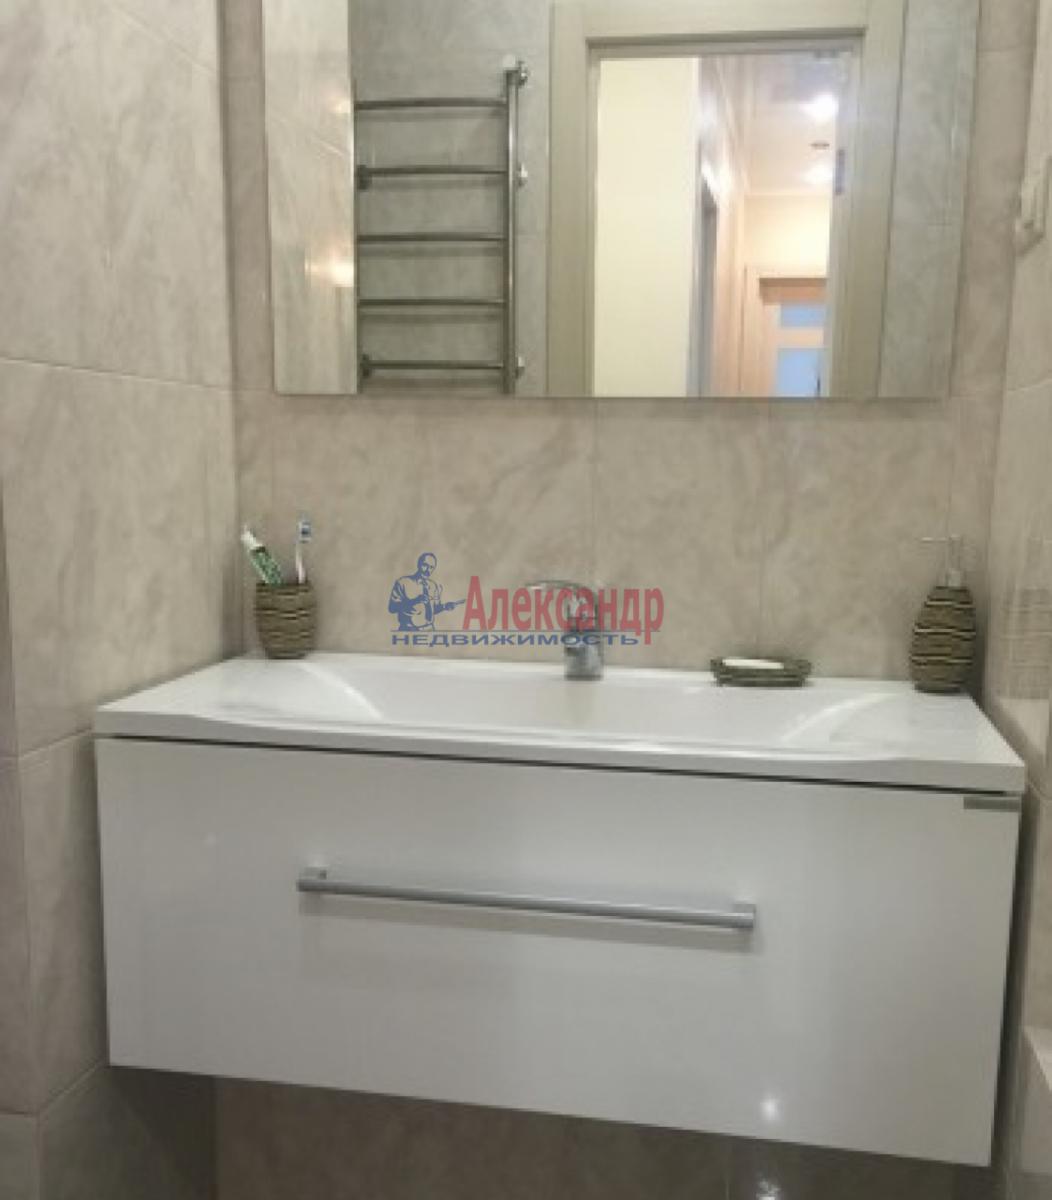 1-комнатная квартира (43м2) в аренду по адресу Московский просп., 183— фото 3 из 5